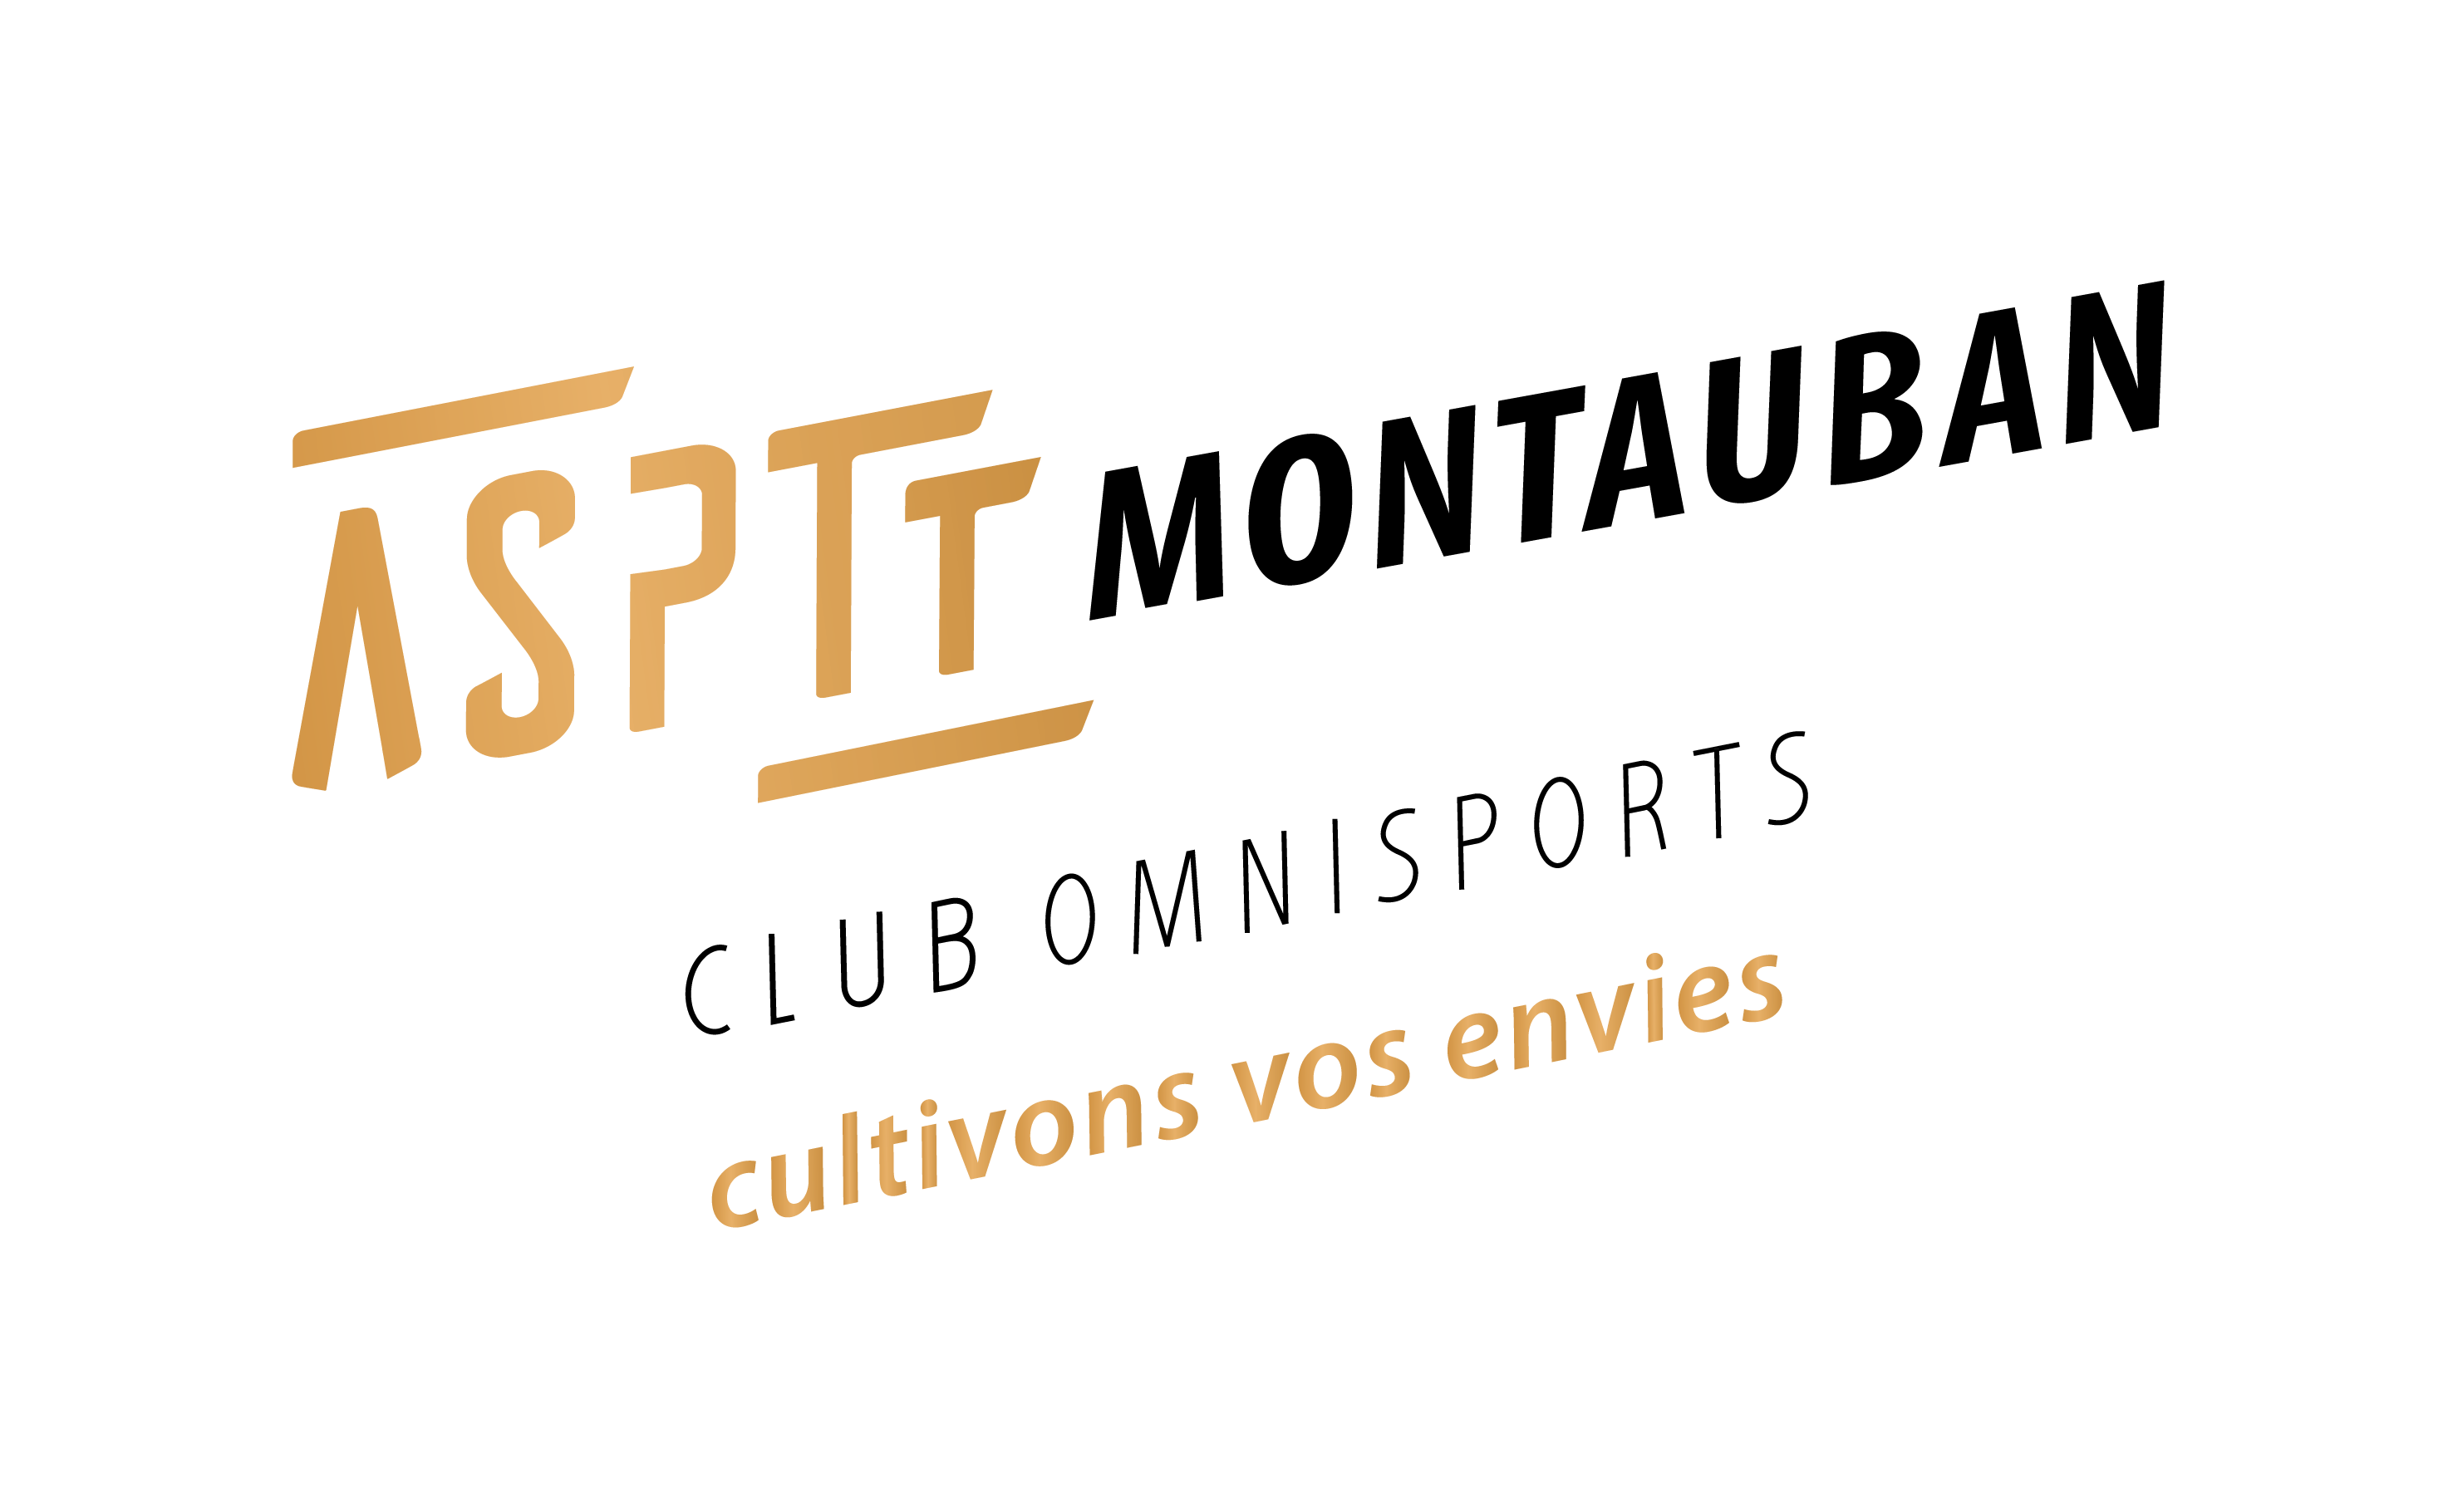 ASPTT Montauban Omnisport :1 club ...mais 8 activités !!!